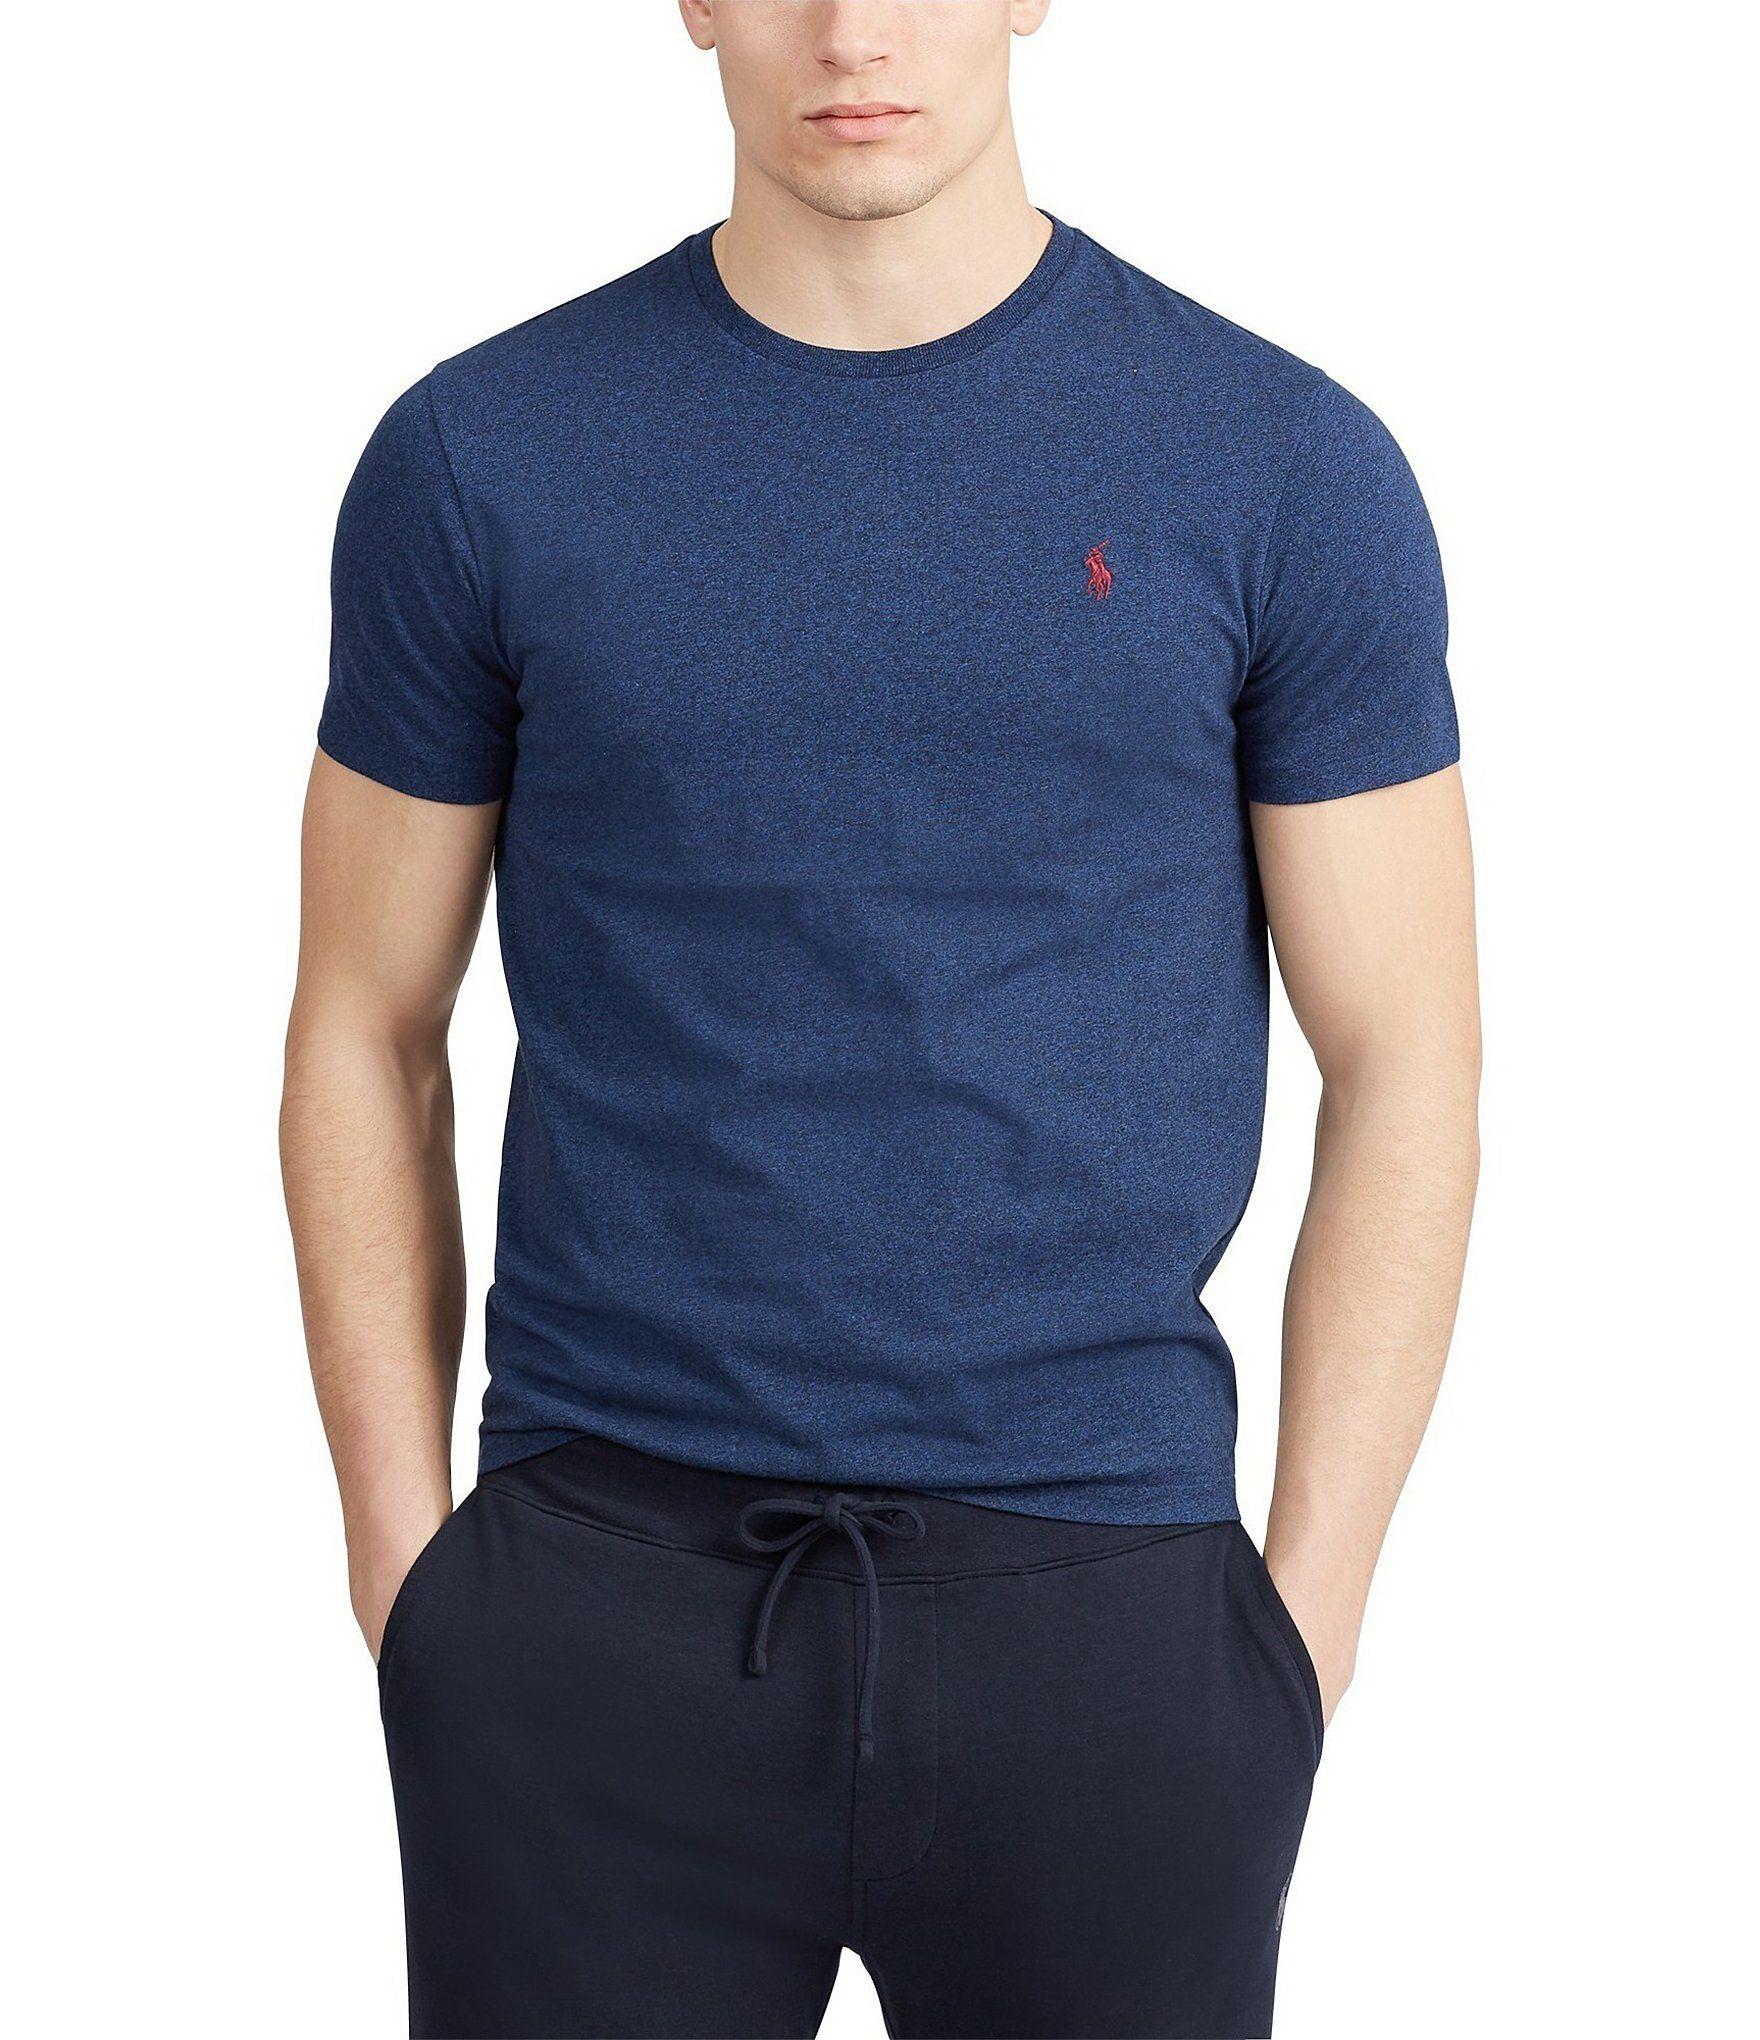 Photo of Polo Ralph Lauren Standard-Fit Kurzarm-Rundhals-T-Shirt – XS